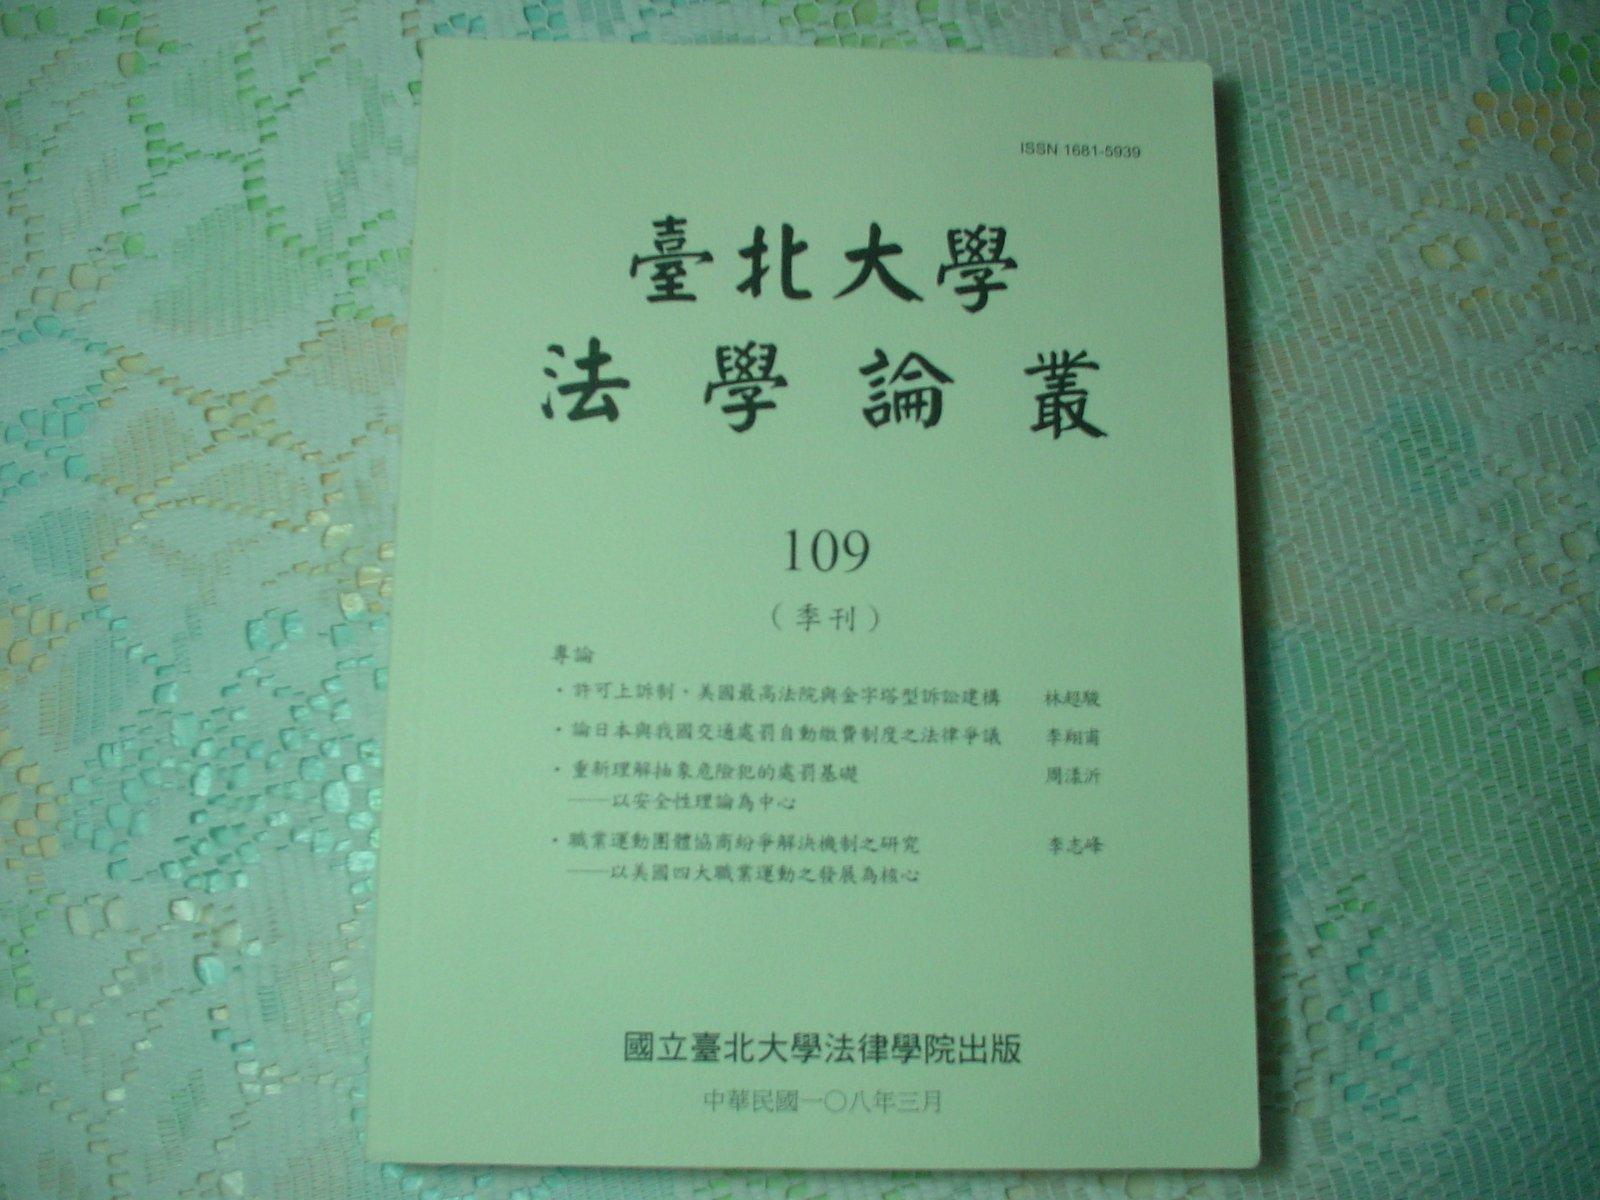 台北大學法學論叢 第109期(季刊) 108年3月 書況為實品拍攝,無標記, (如圖)【A3.71】